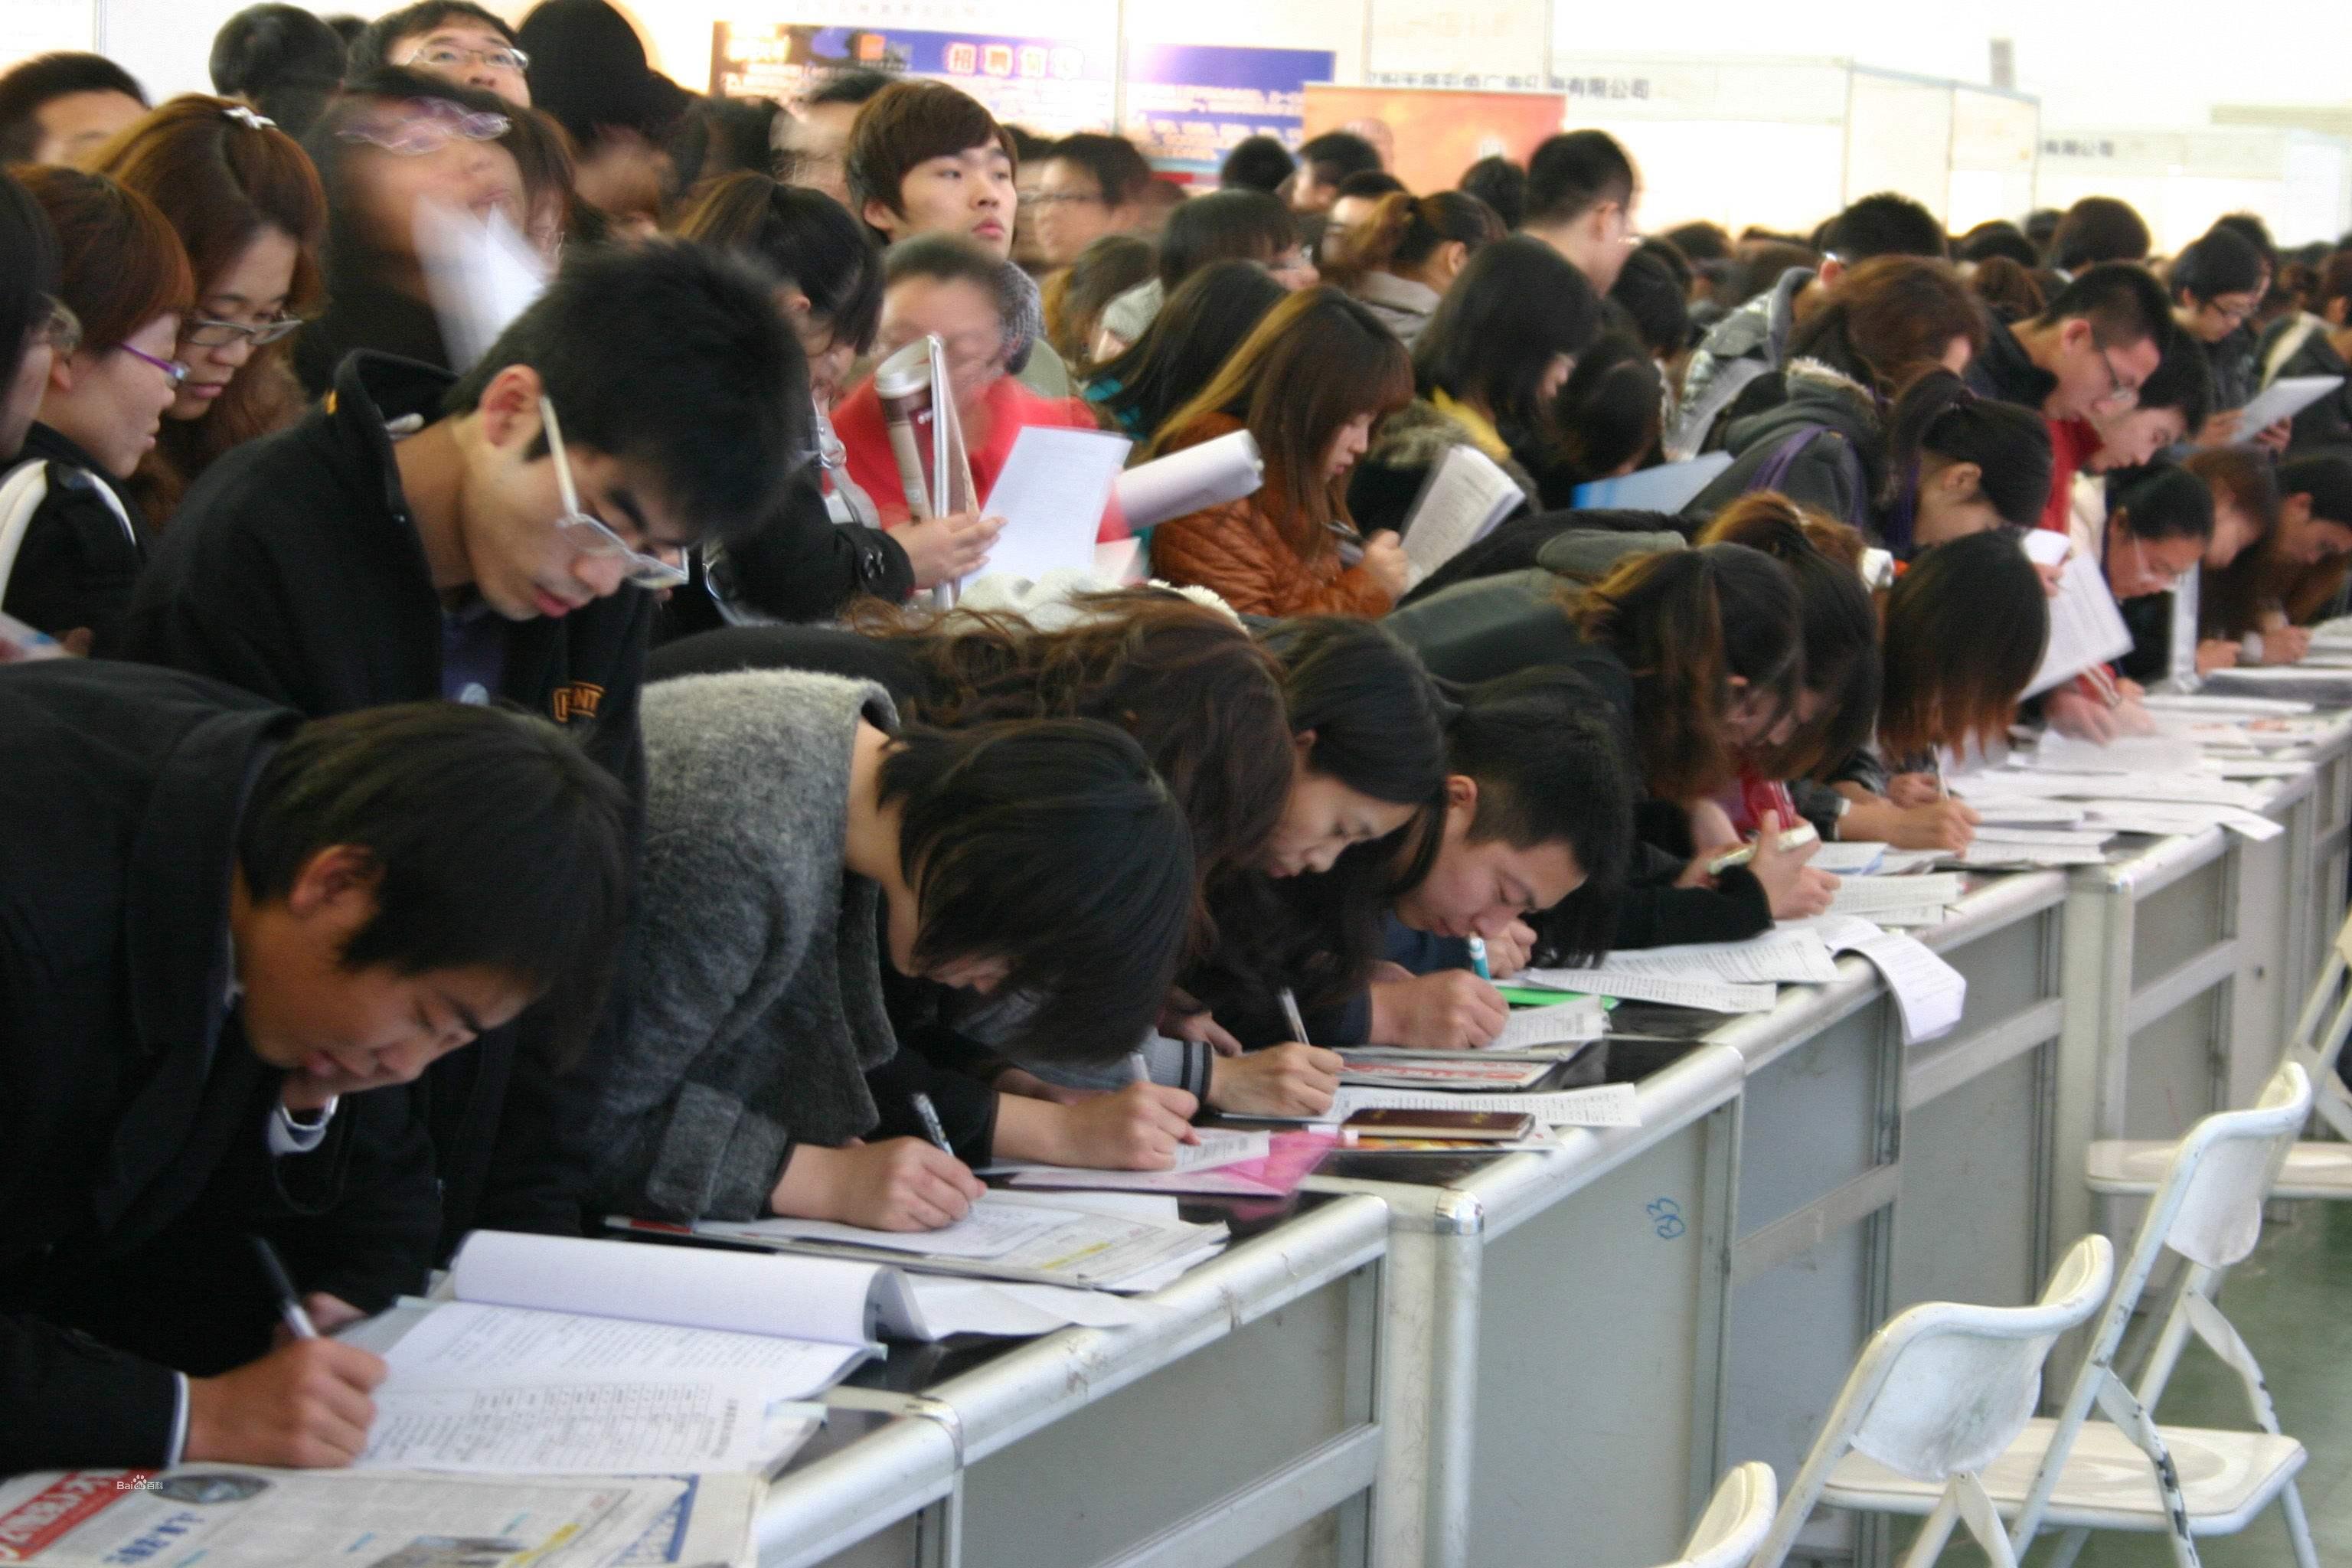 济宁人力资源市场发布现场招聘会日程